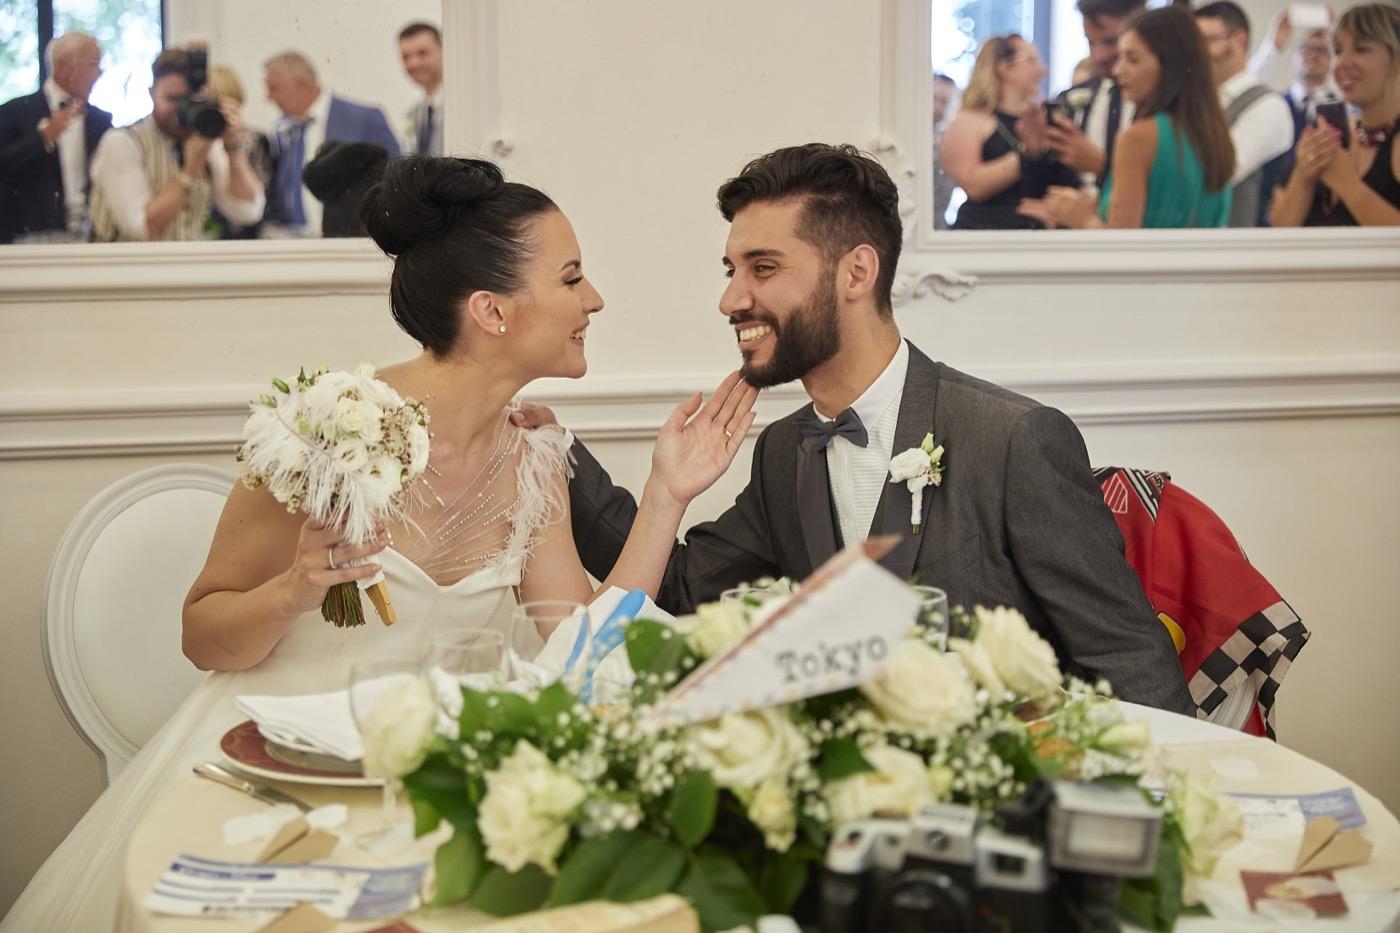 Claudio-Coppola-wedding-photographer-villa-del-cardinale-rocca-di-papa-castel-gandolfo-57